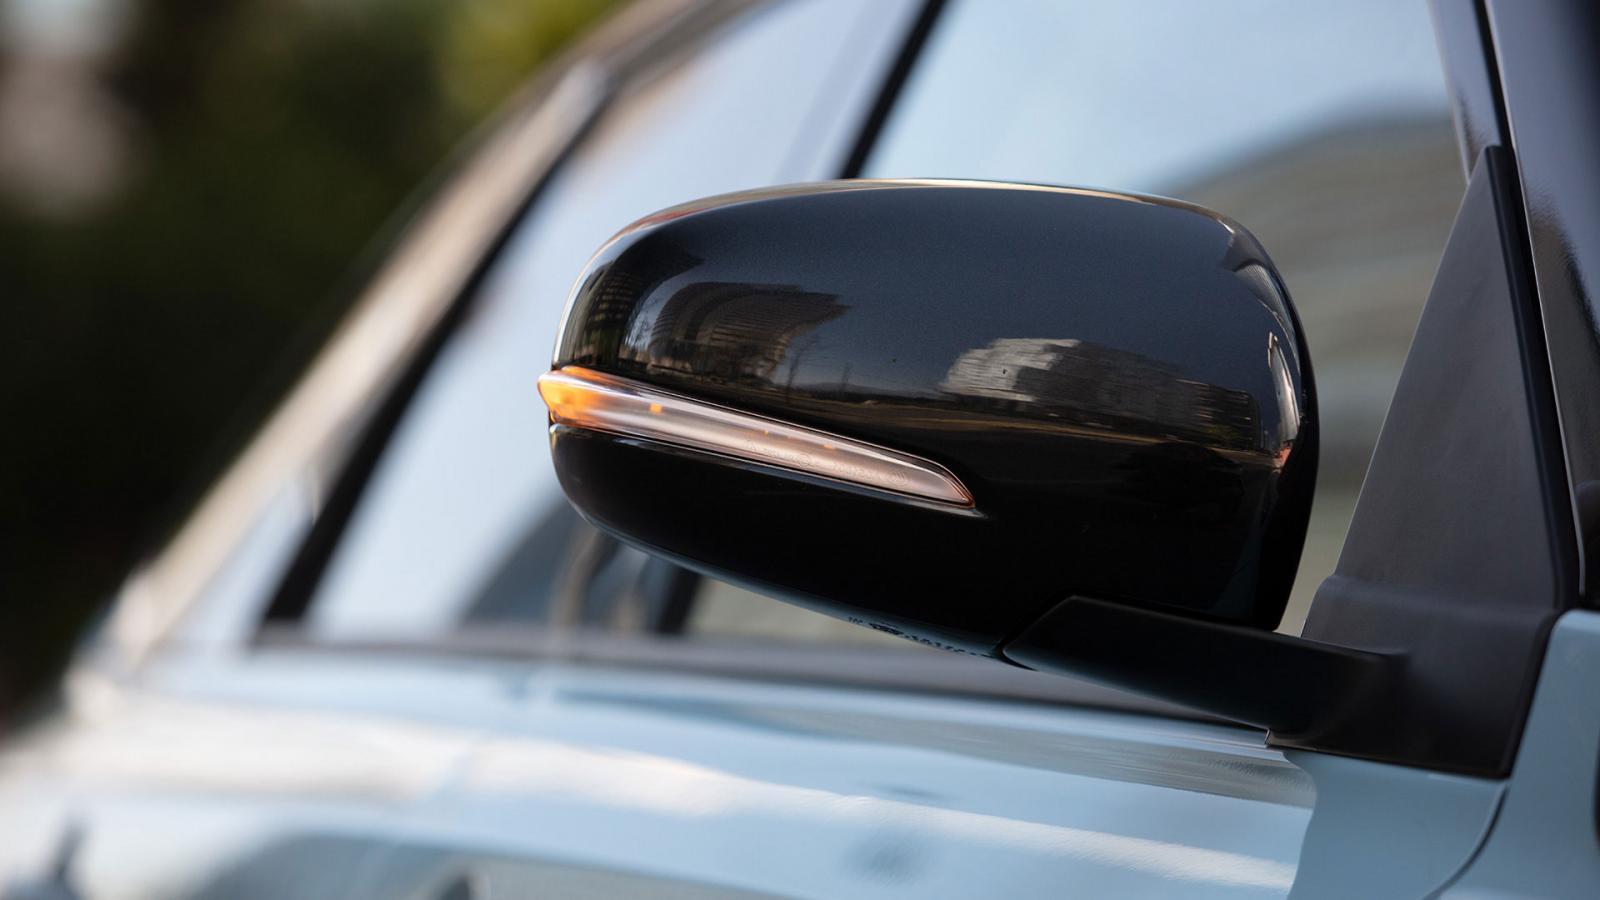 Suzuki Vitara Boosterjet All Grip 2020 resena opiniones Cuenta con direccionales integradas a los espejos, los cuales también llevan desempañador